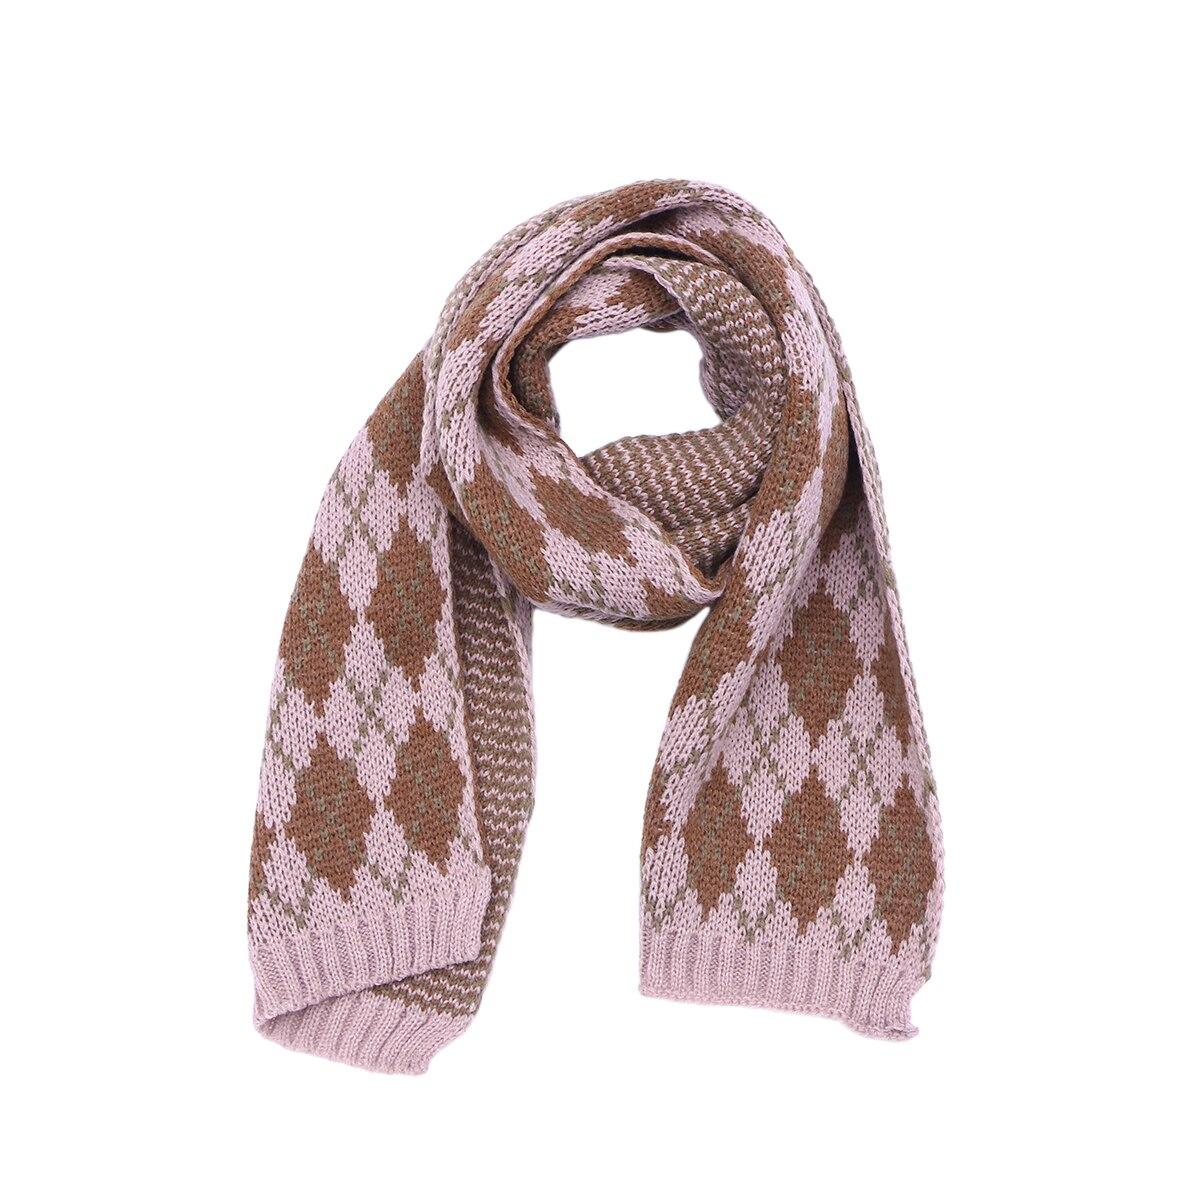 1 Pc Kinder Winter Schals England Stil Vintage Warme Allgleiches Gestrickte Schal Halstuch Für Mädchen Kinder Kinder Jungen Babys